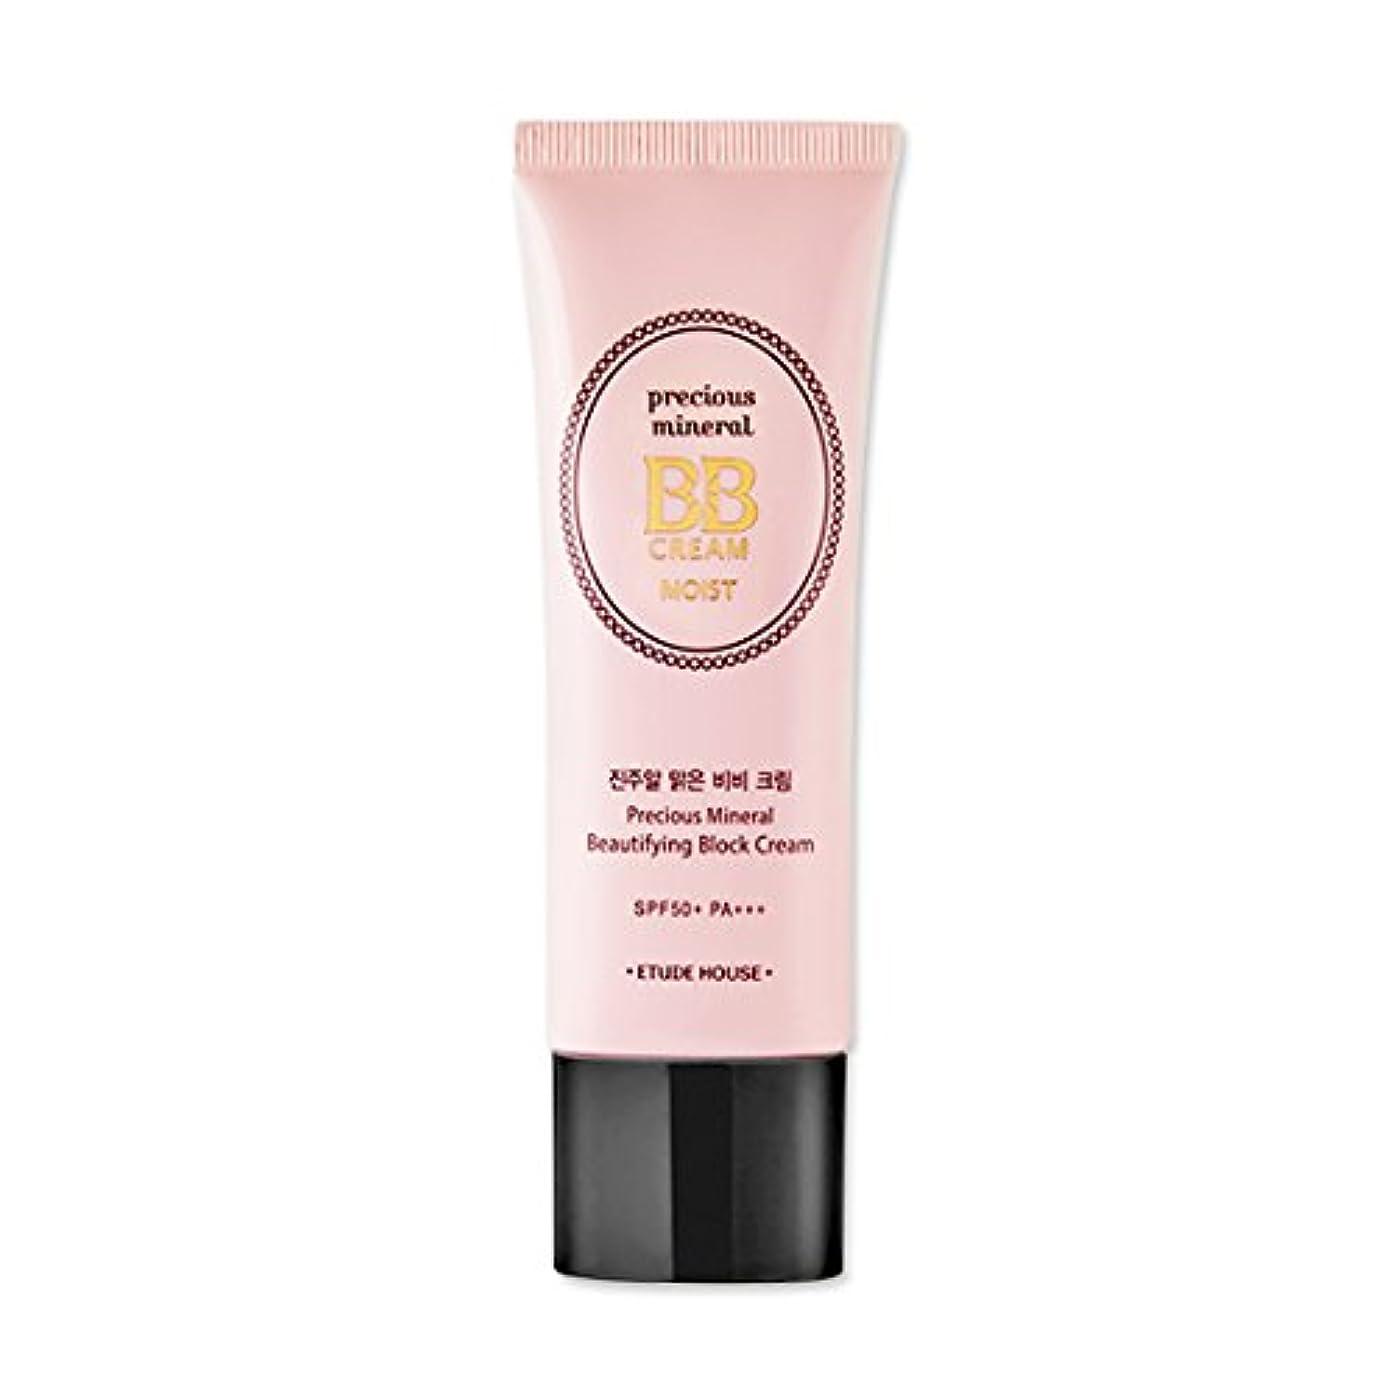 実際のピクニックをする信じられない[New] ETUDE HOUSE Precious Mineral BB Cream * Moist * 45g/エチュードハウス プレシャス ミネラル BBクリーム * モイスト * 45g (#Vanilla) [...